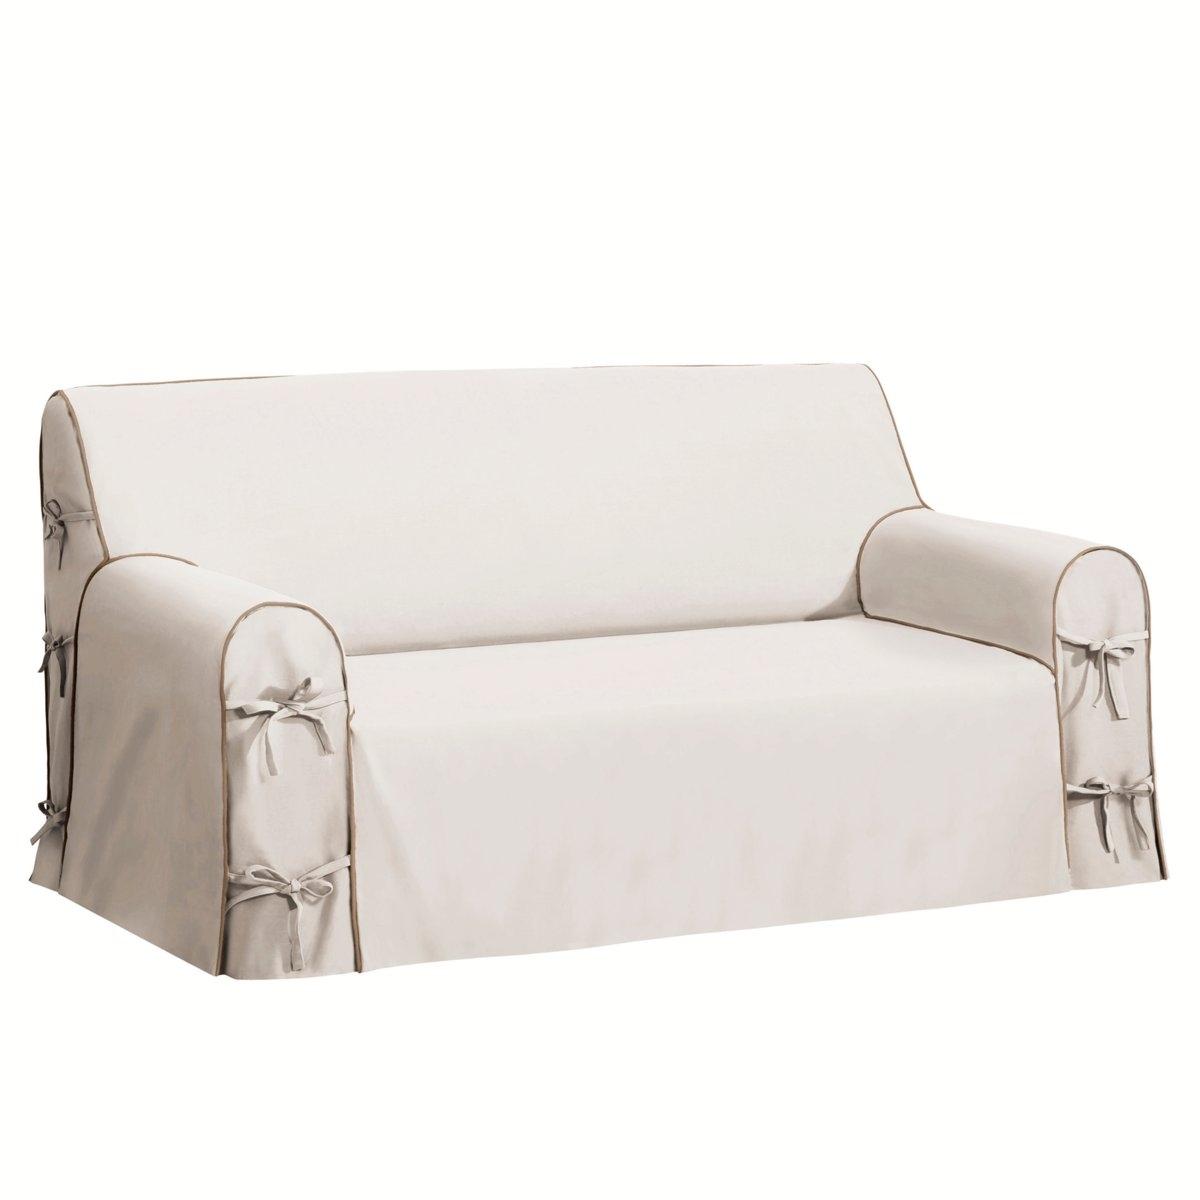 Чехол для дивана, BRIDGY.Характеристики чехла для дивана:Знак качества Valeur S?re: 100% хлопка. Большие подлокотники, регулируемые завязками. Отделка контрастным кантом.Стирка при 40°C.Размеры чехла для дивана:Общие. размеры: общ. высота: 102 см, глуб. сиденья: 60 см. 2-мест. : шир. 142 см максимум,2-3 мест. : шир. 180 см максимум,3-мест. : шир. 206 см максимум.Сертификат Oeko-Tex® дает гарантию того, что товары изготовлены без применения химических средств и не представляют опасности для здоровья человека.<br><br>Цвет: антрацит/светло-серый,белый/ черный,бордовый/антрацит,индиго/серый жемчужный,серо-бежевый/серо-коричневый,серо-коричневый/серо-бежевый,серый жемчужный/ белый,Сине-зеленый/черный<br>Размер: 3 местн..2/3 мест.2 места.2 места.2 места.2 места.2/3 мест